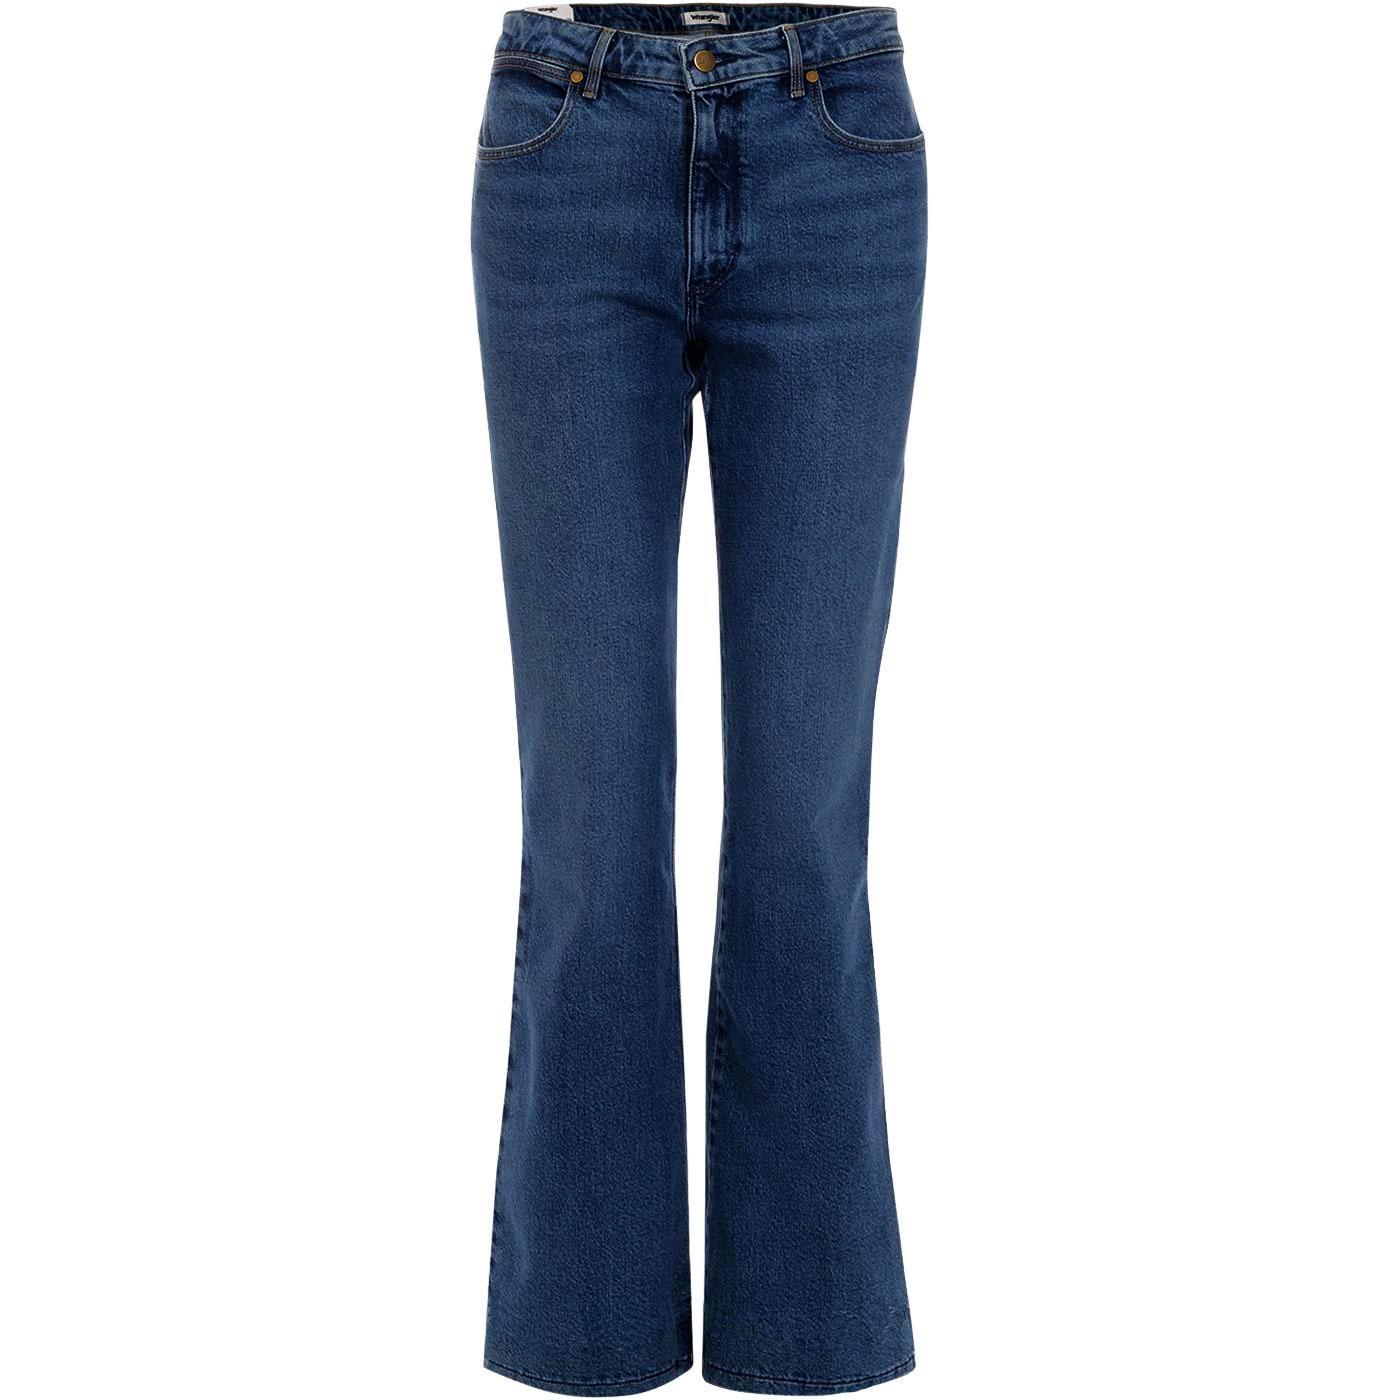 WRANGLER Flare Womens Retro Flared Jeans DARK BLUE